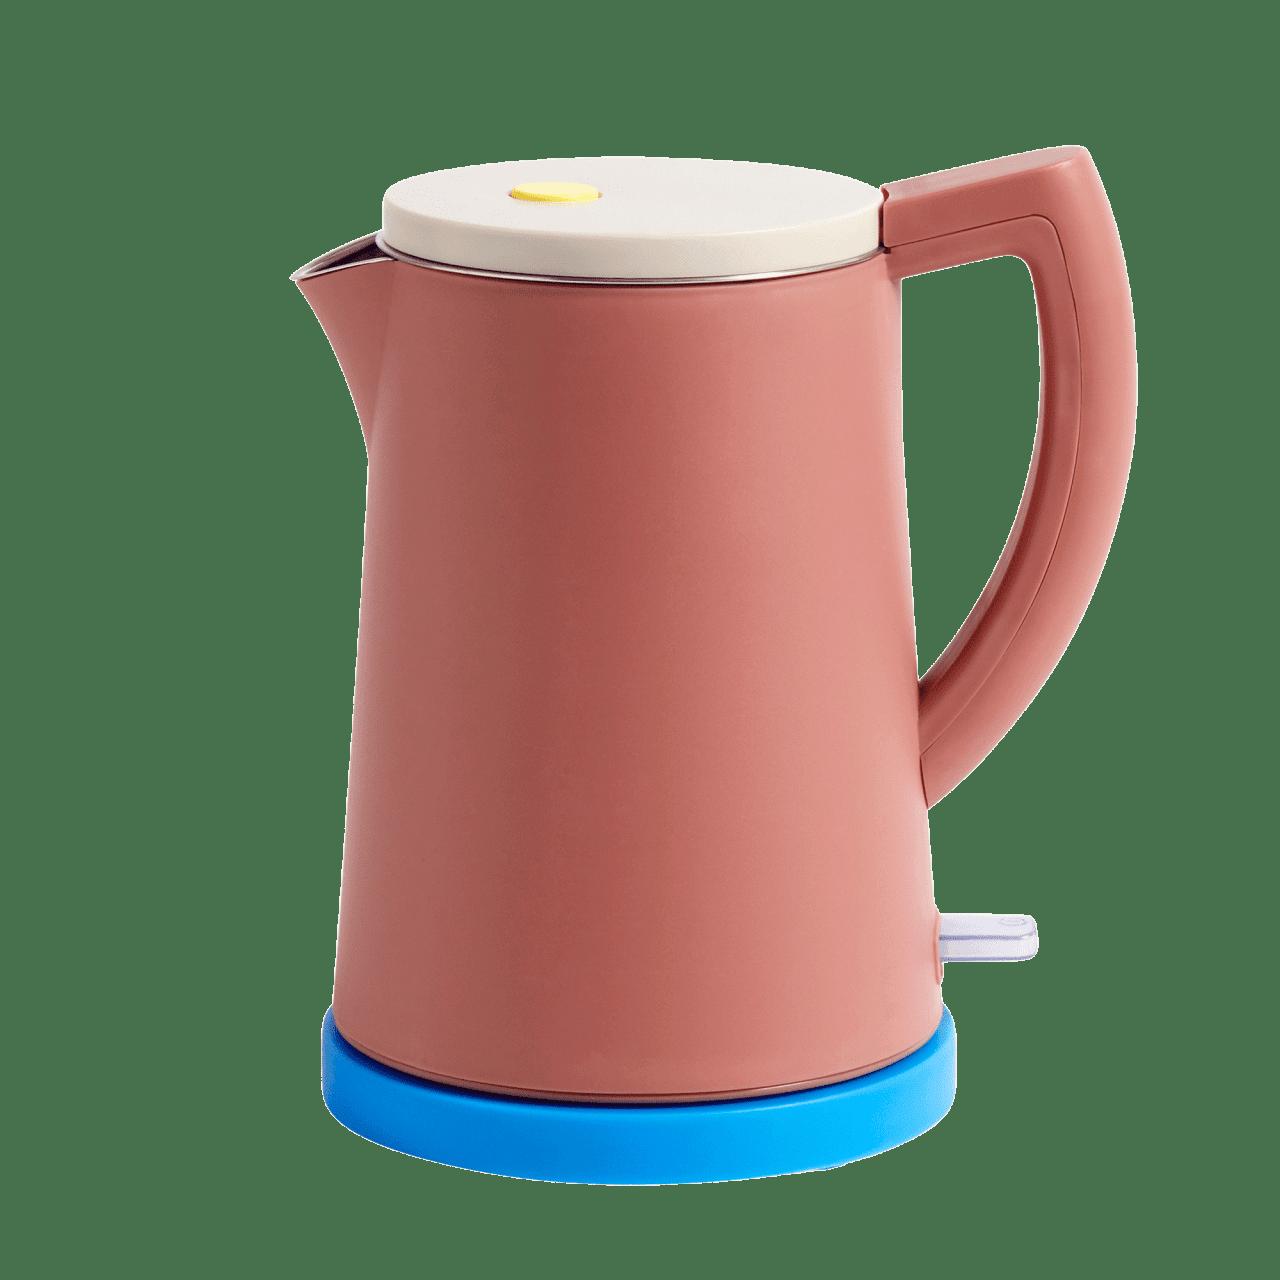 Sowden Kettle Wasserkocher